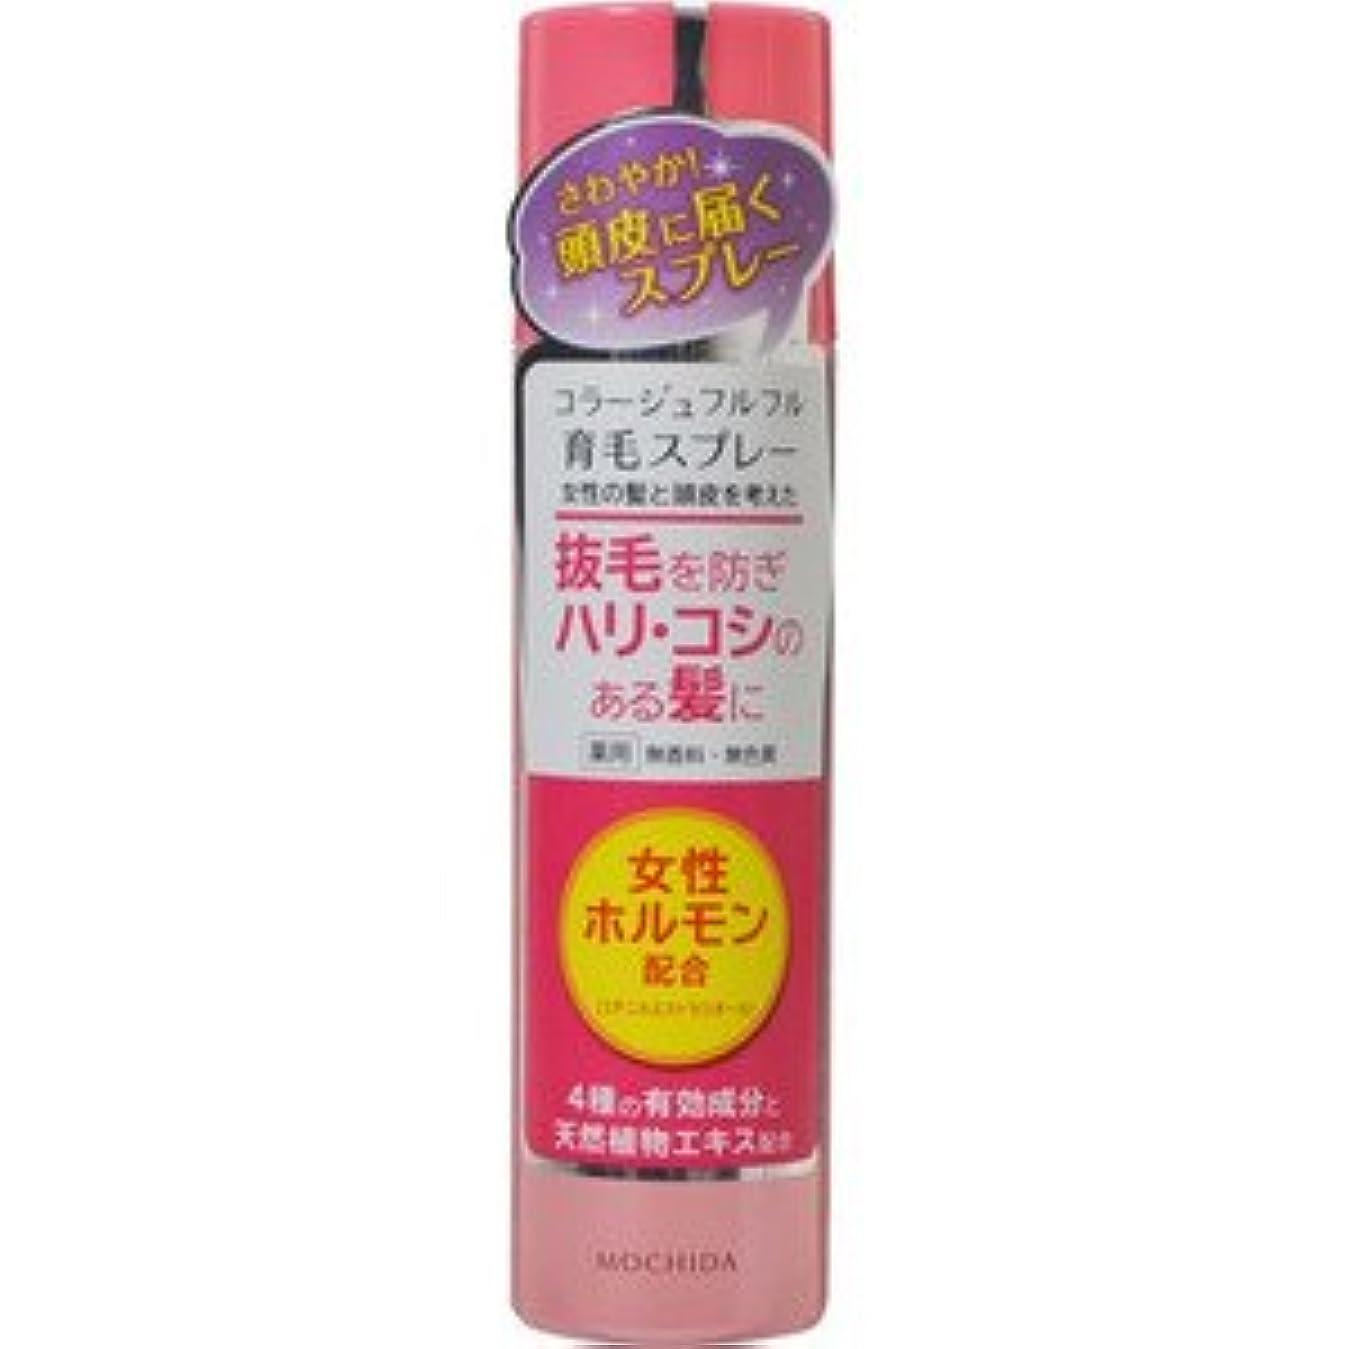 傷つきやすい部メジャー(持田ヘルスケア)コラージュフルフル 育毛スプレー 150g(医薬部外品)(お買い得3個セット)